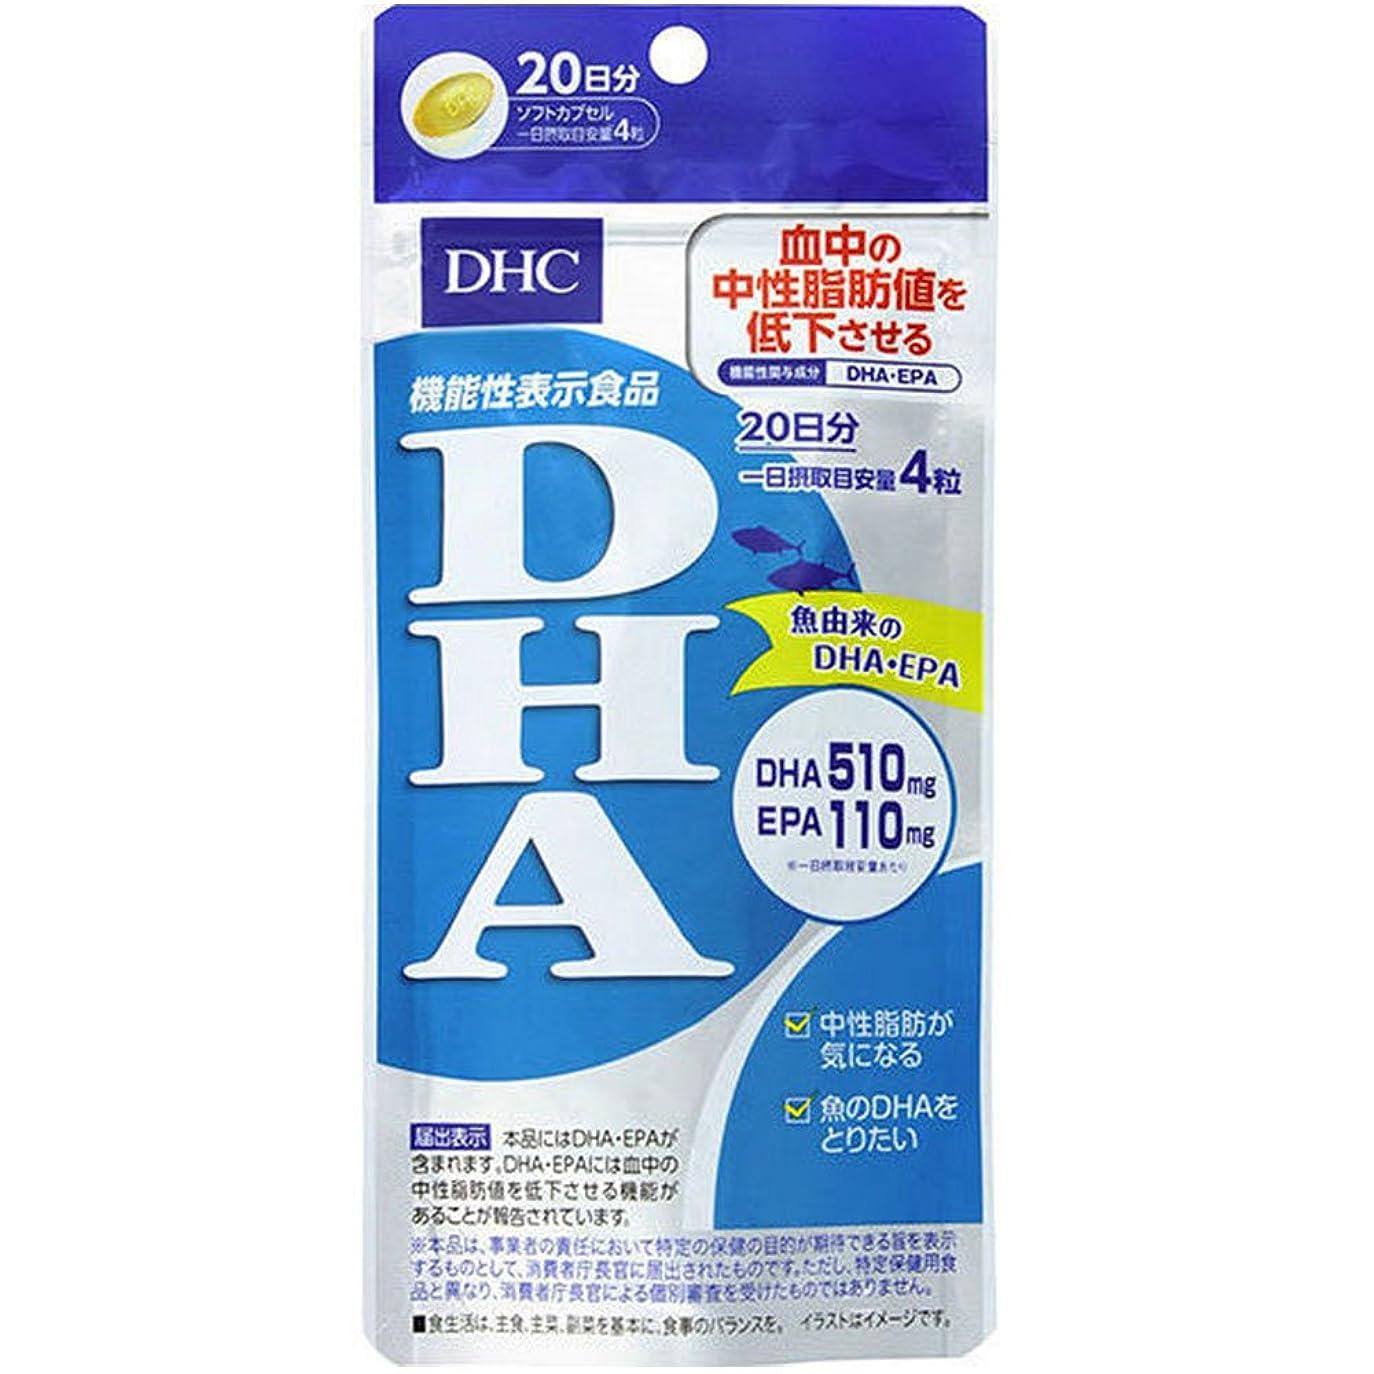 受益者騙すシャンパンDHC DHA 20日分 80粒 【機能性表示食品】